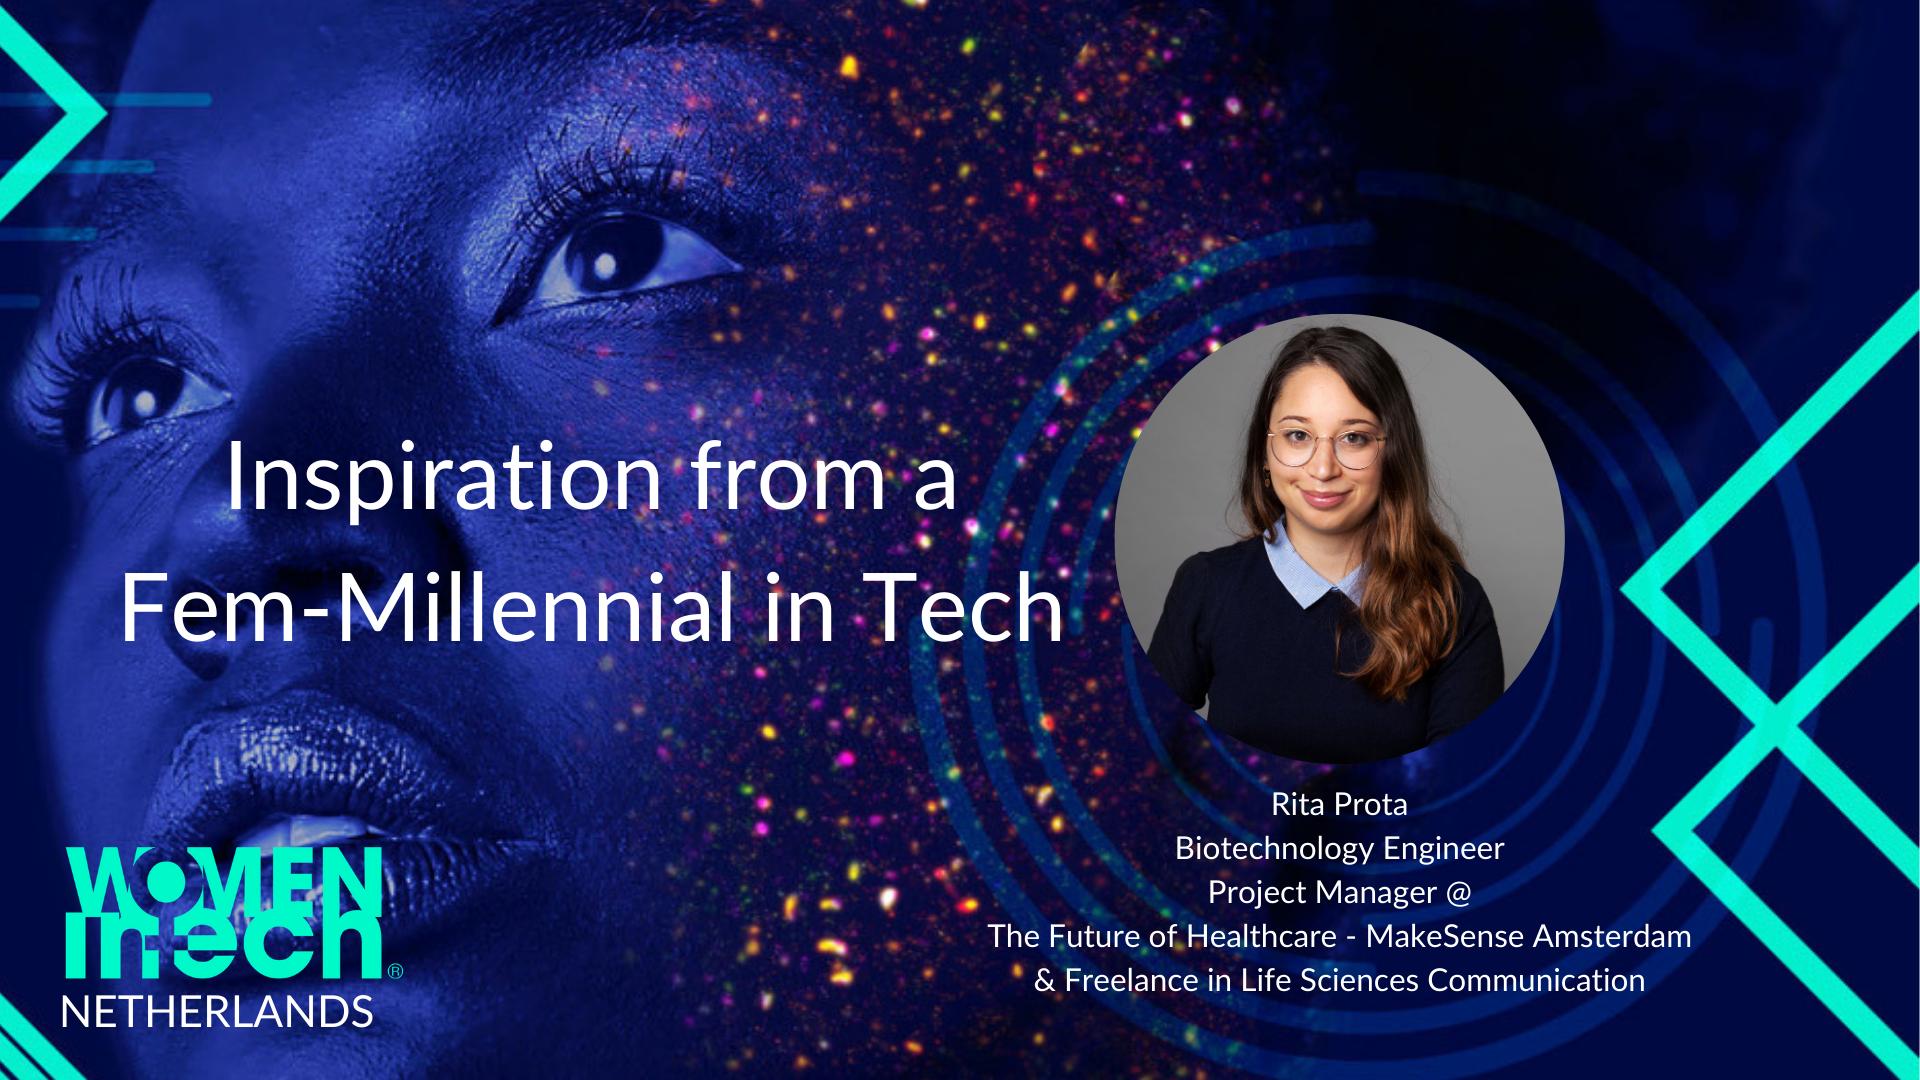 Inspiration from a Fem-Millennial in Tech